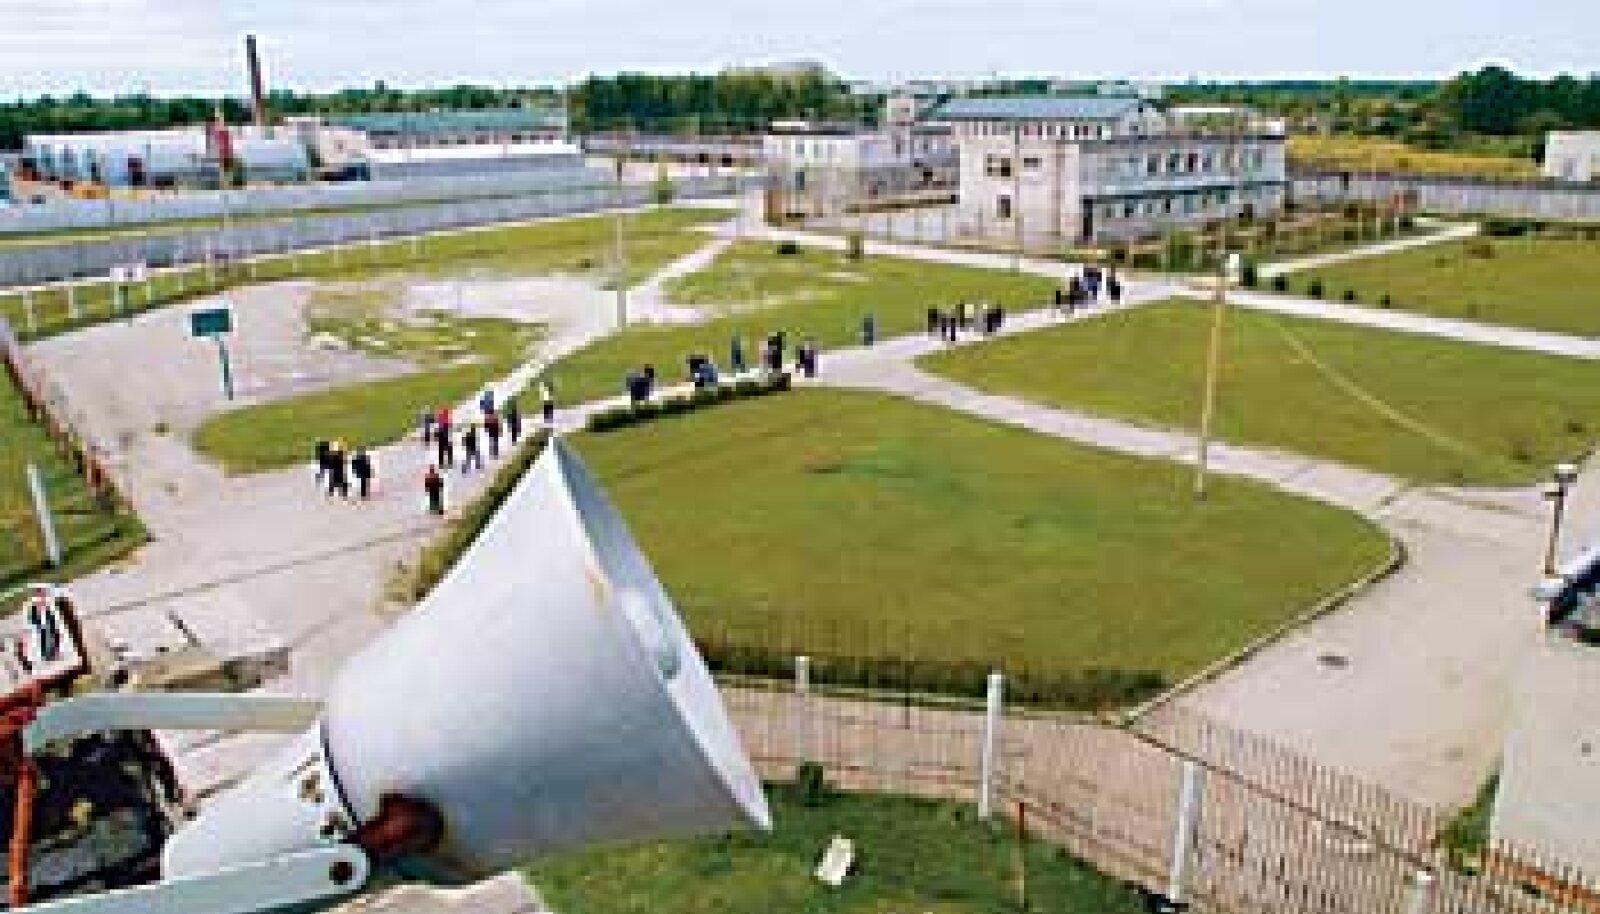 BARDAKKI POLE: Elu Ämari vanglas pole nii hull, nagu väidab endine vangivalvur, kinnitavad vanglajuhid. Vallo Kruuser